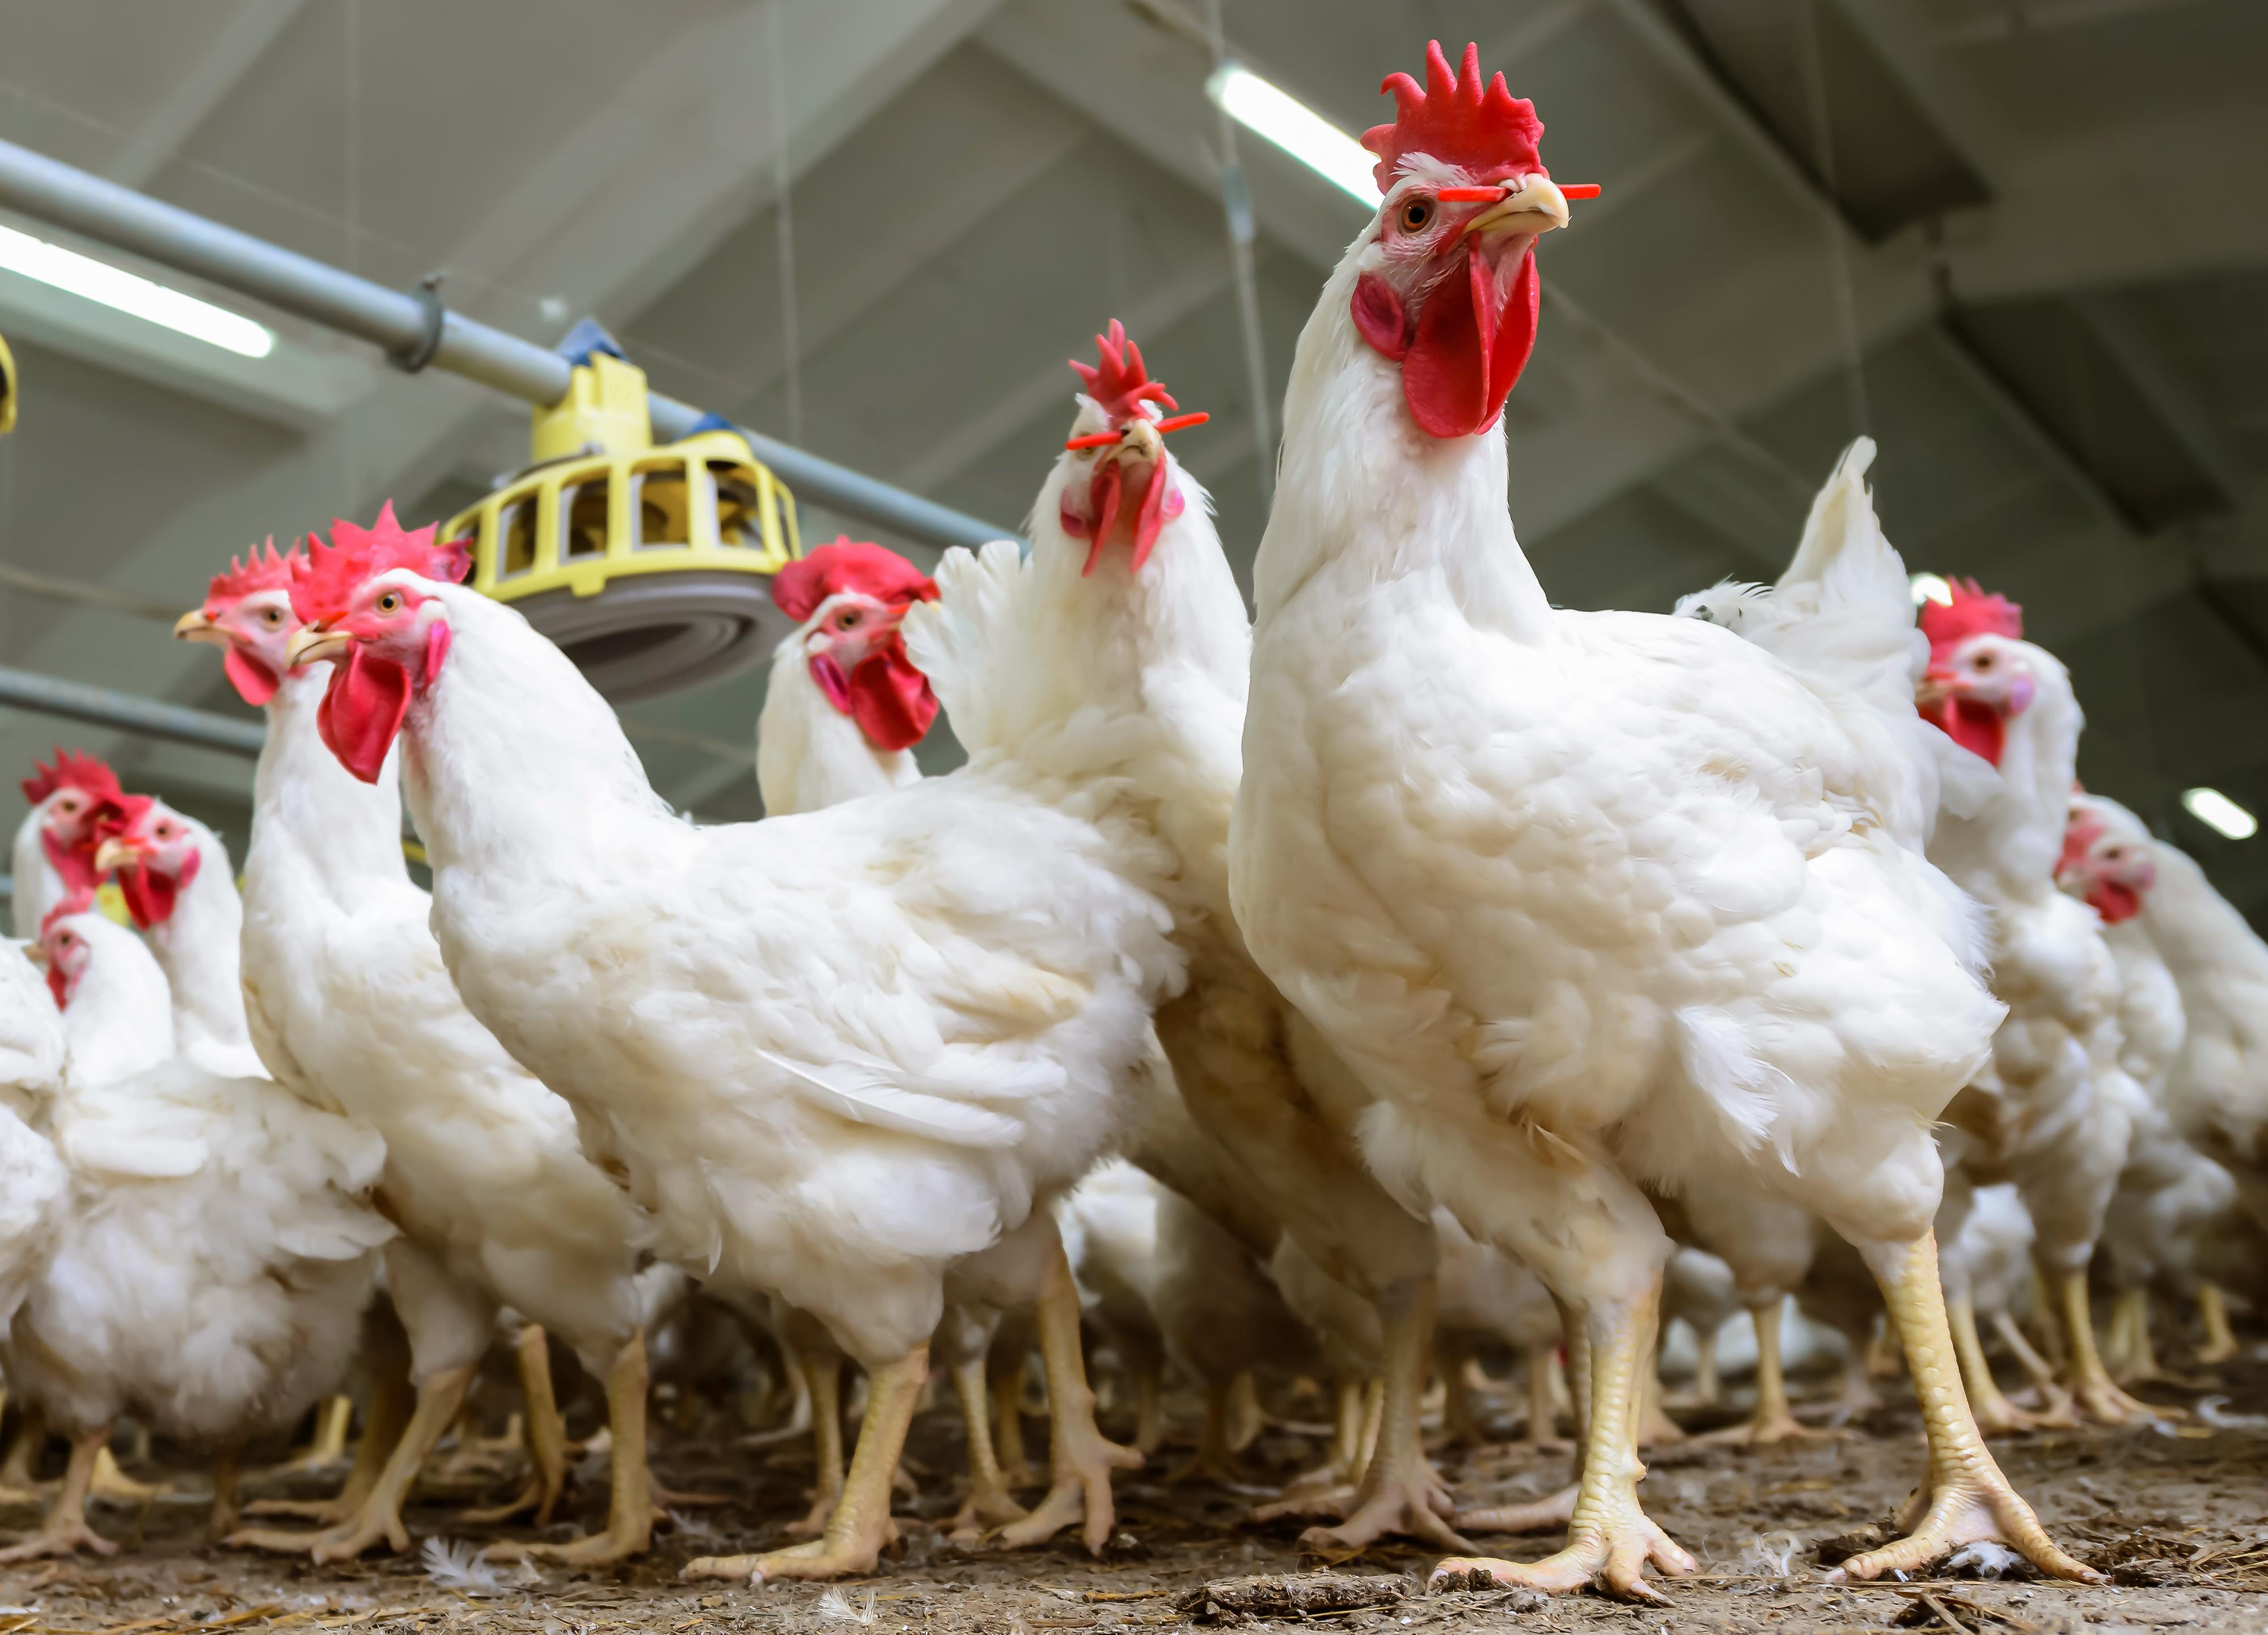 cara ternak ayam potong - Sharing Artikel Di Socialiablog.com